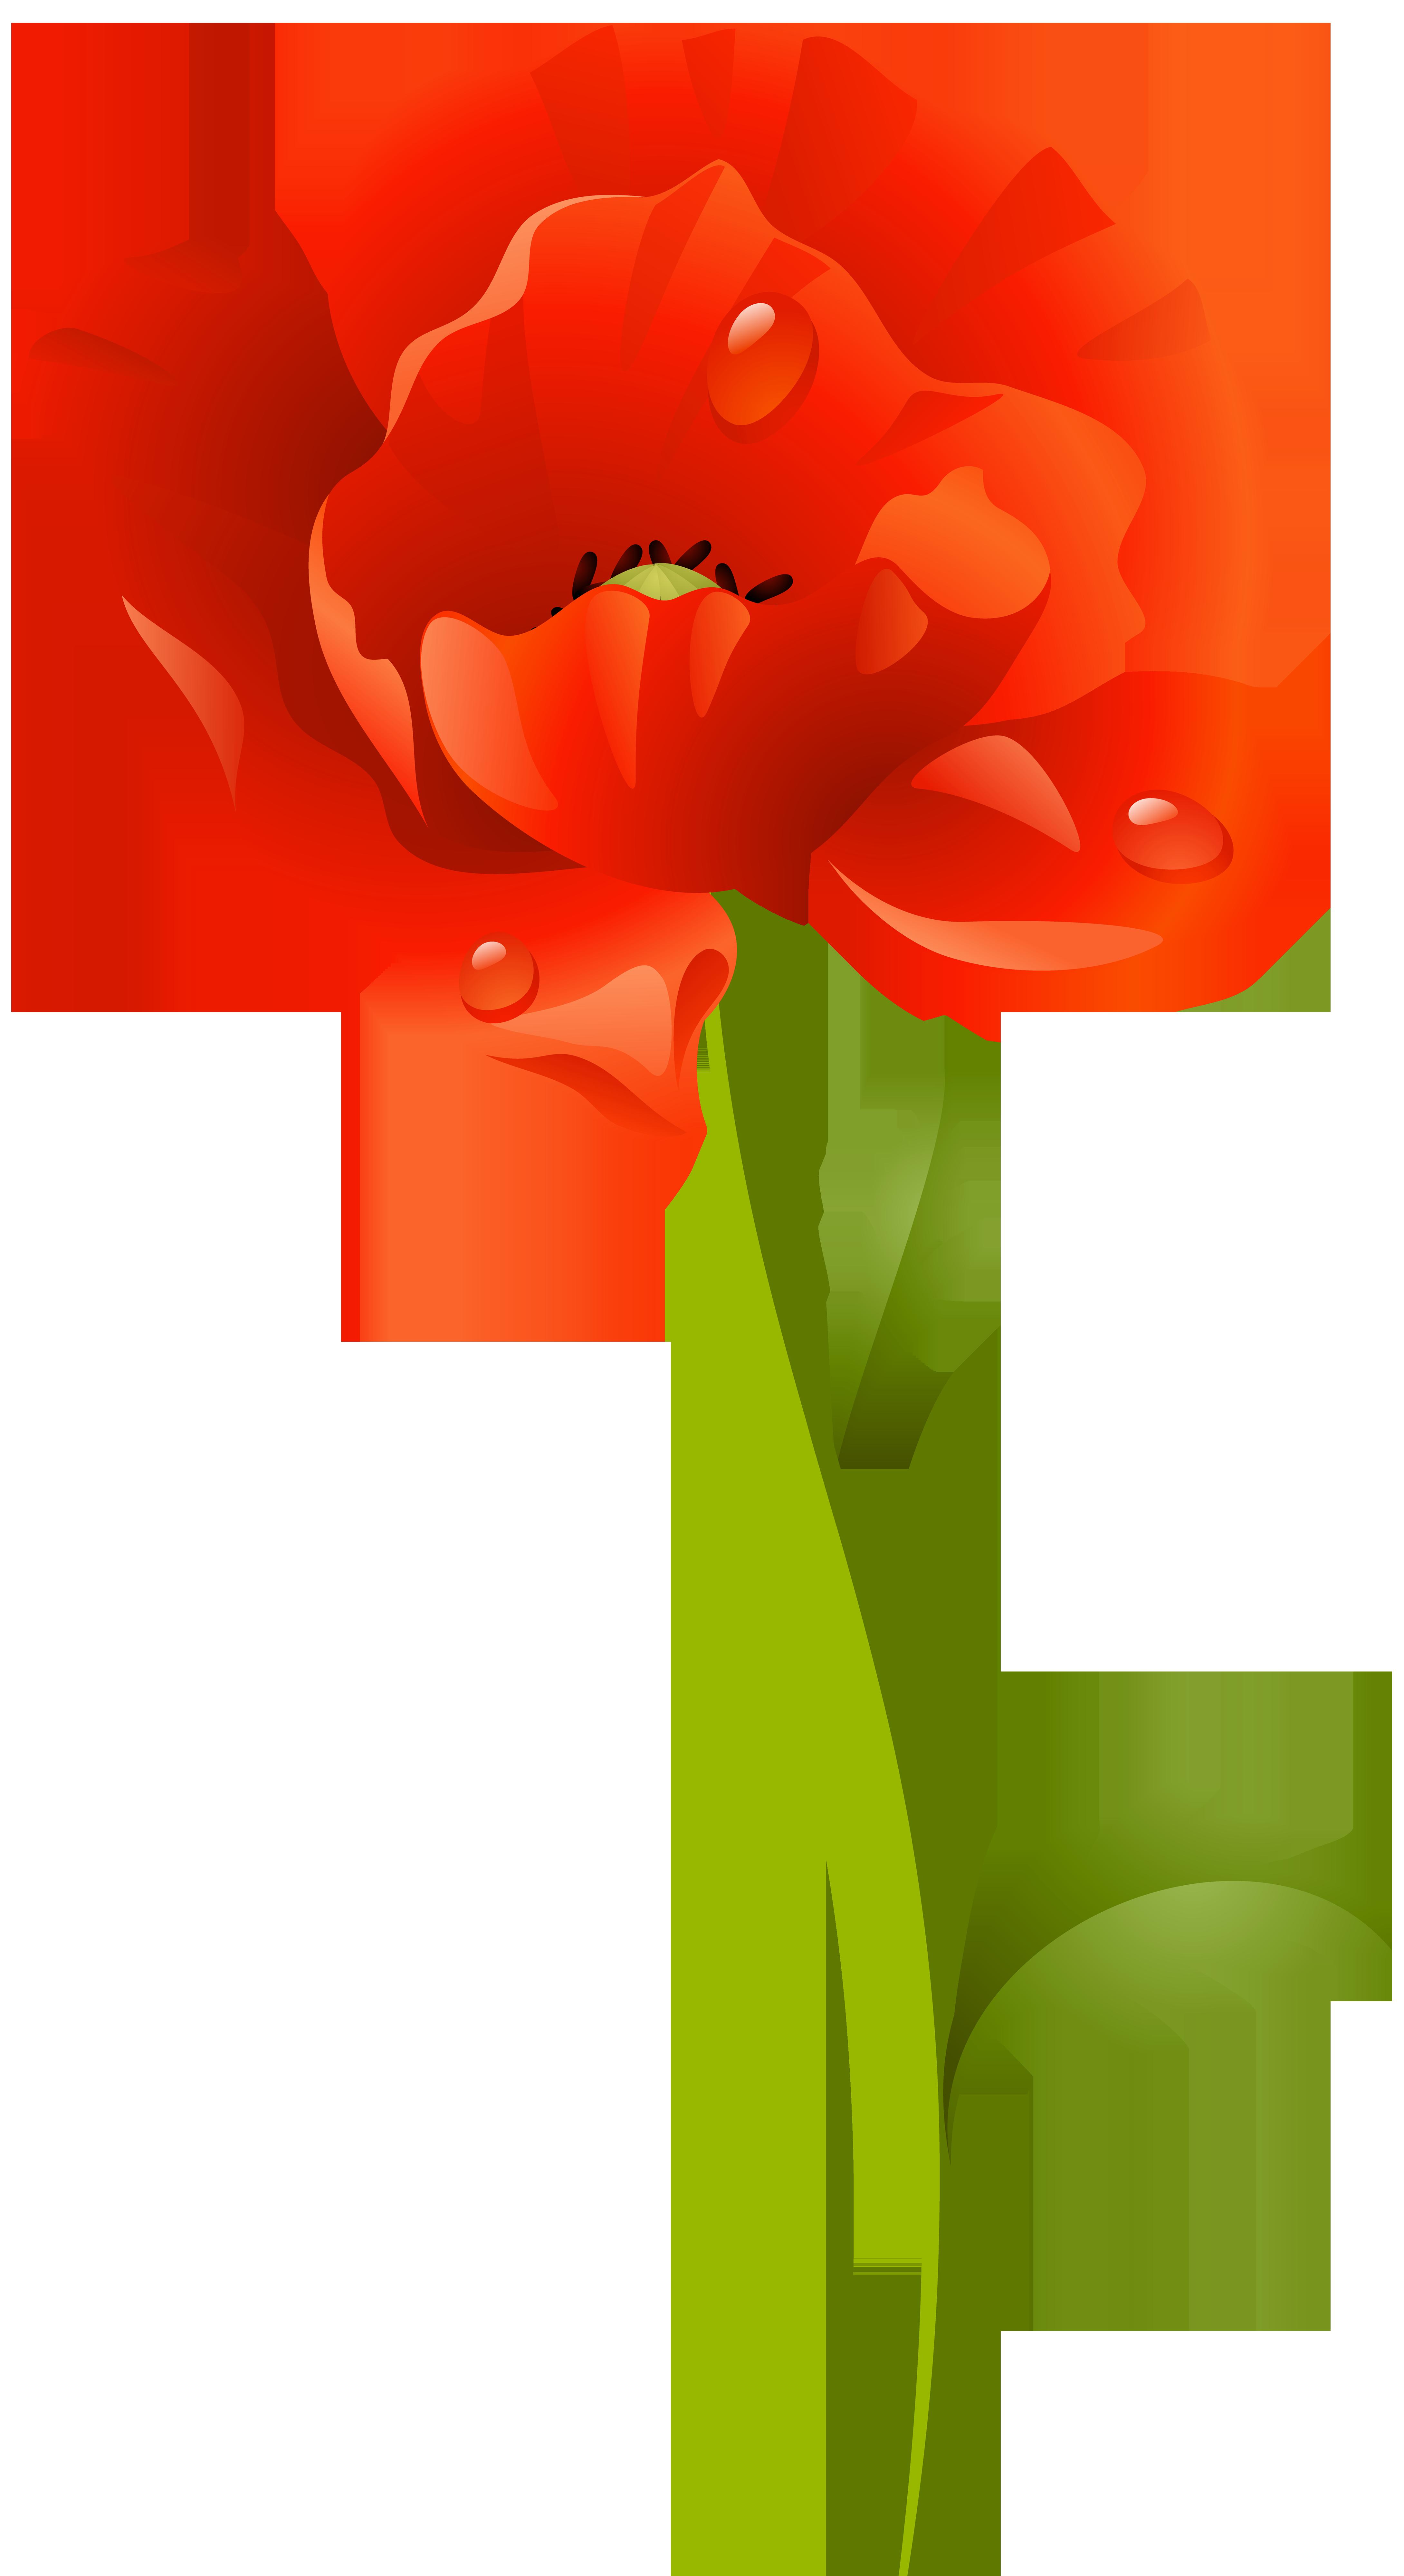 Poppy clipart red poppy. Flower png clip art